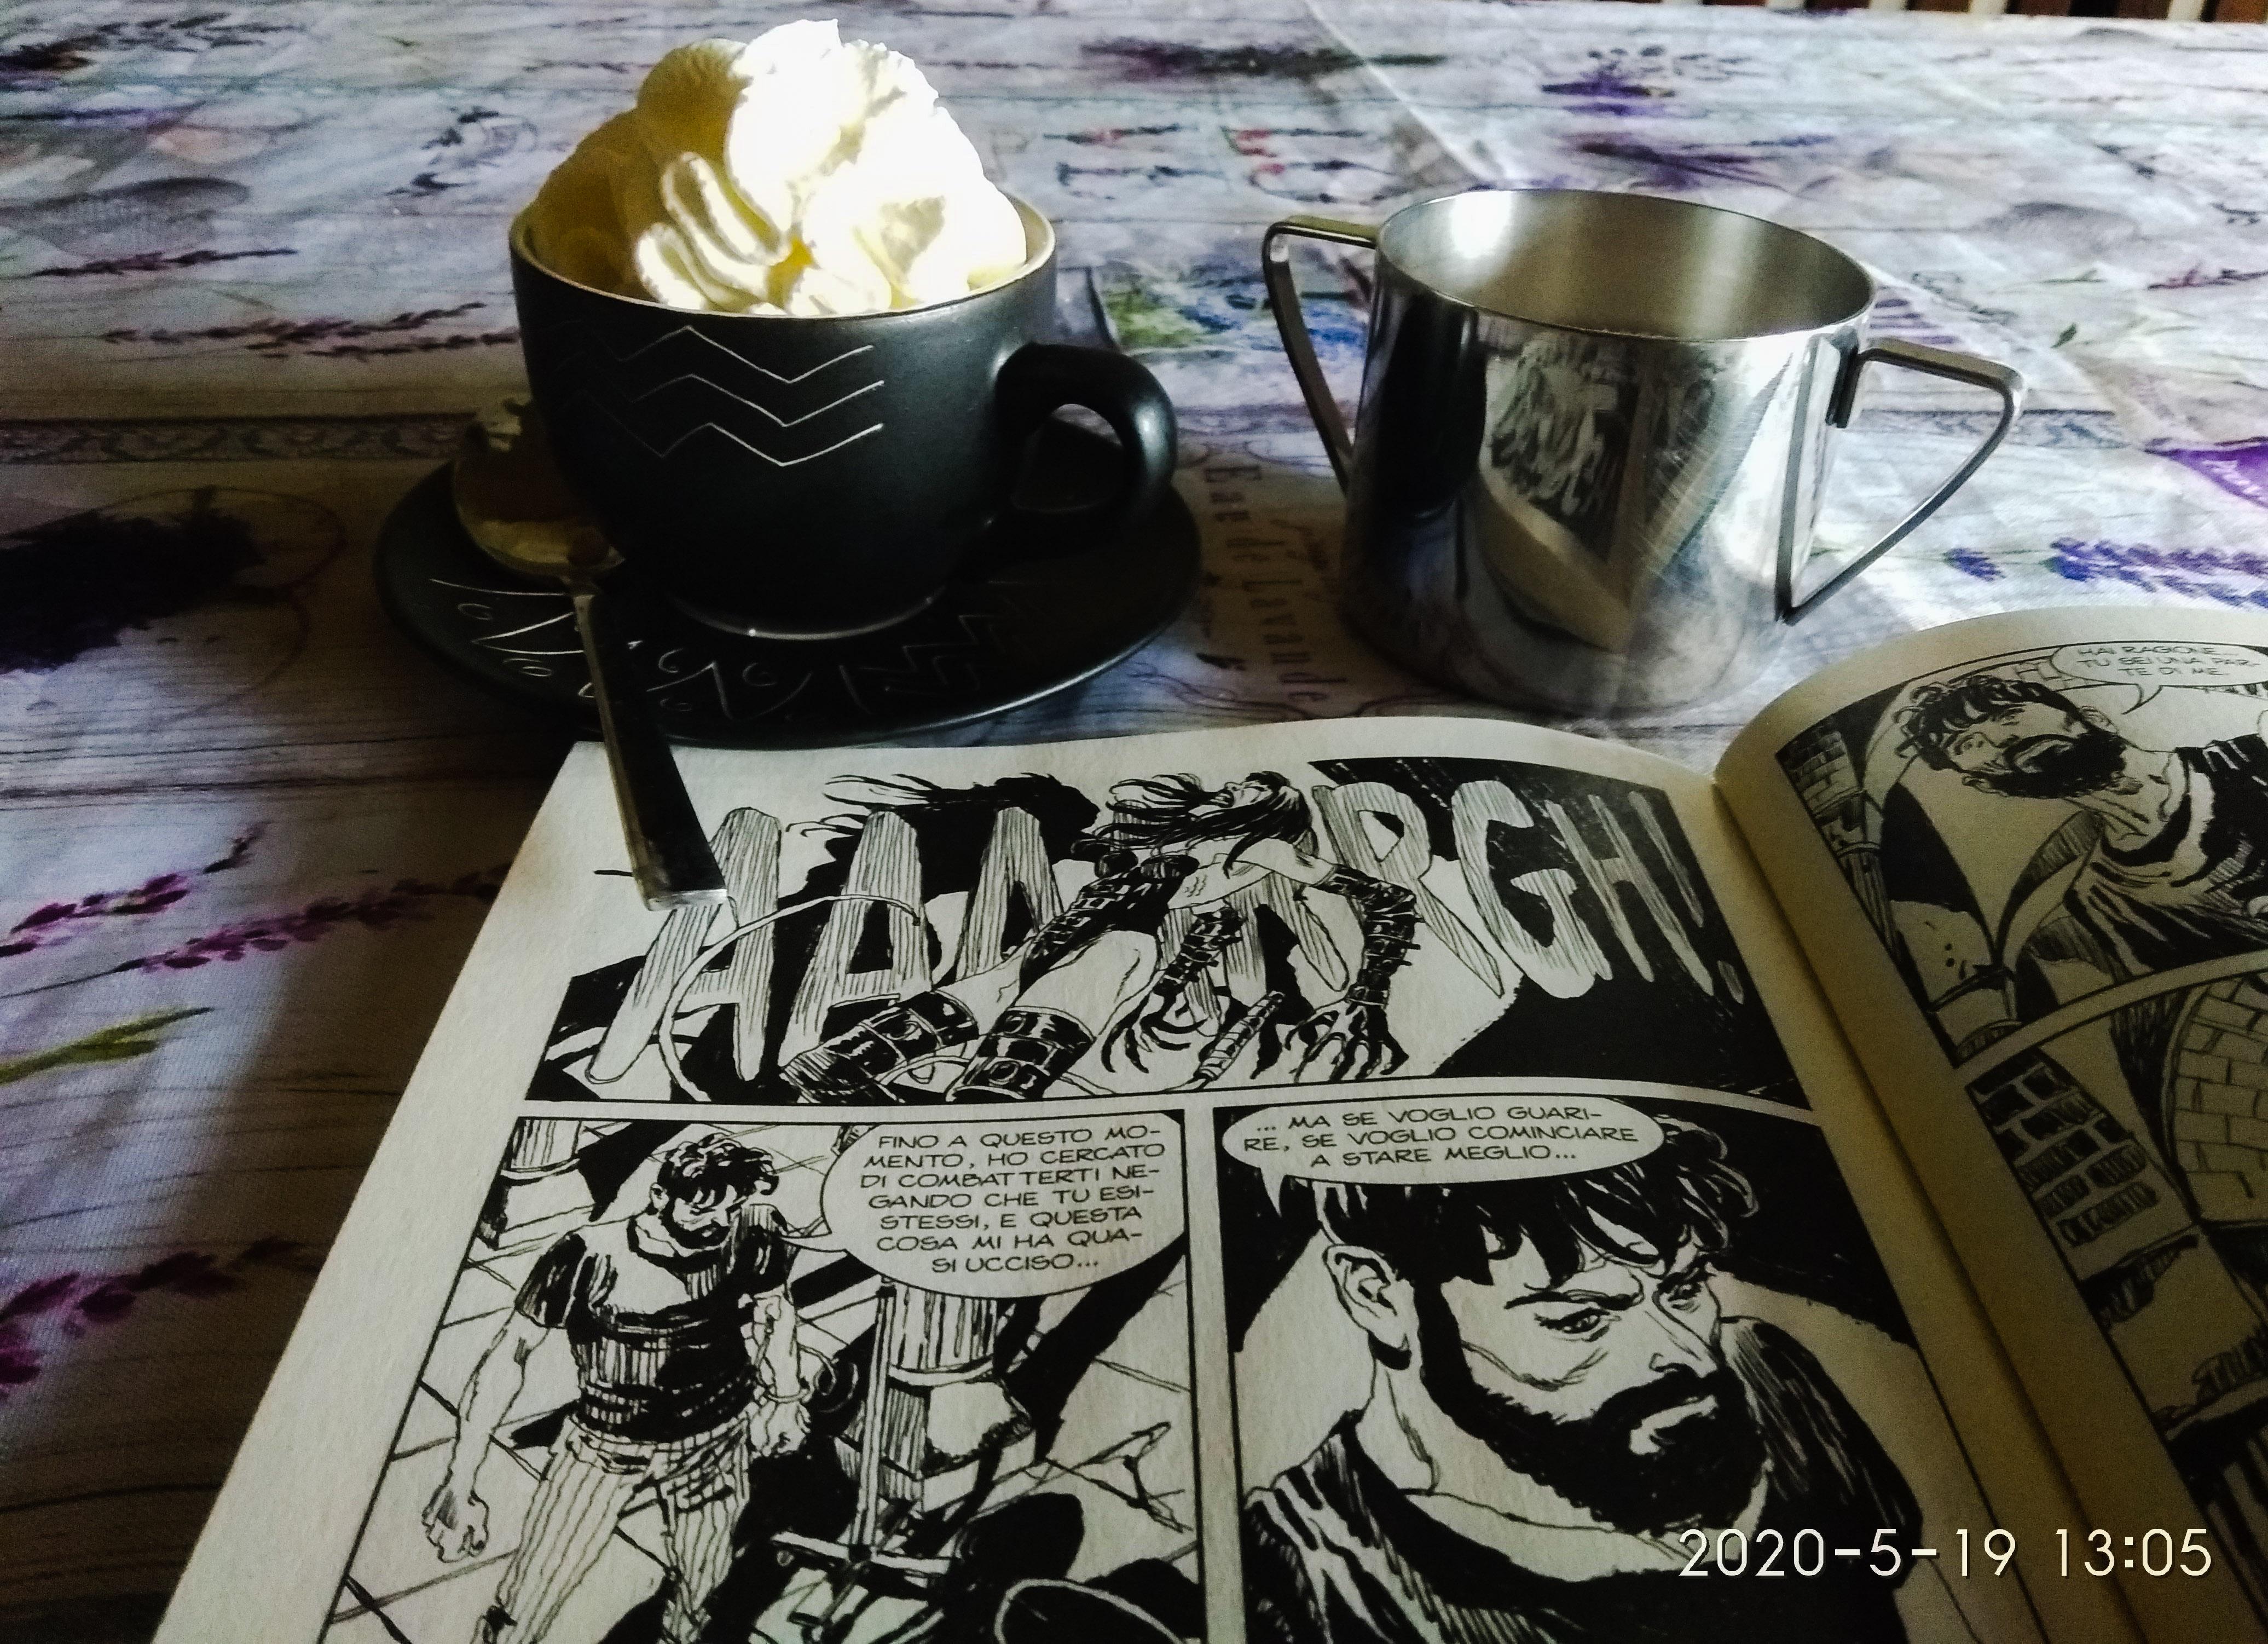 caffe e dylan